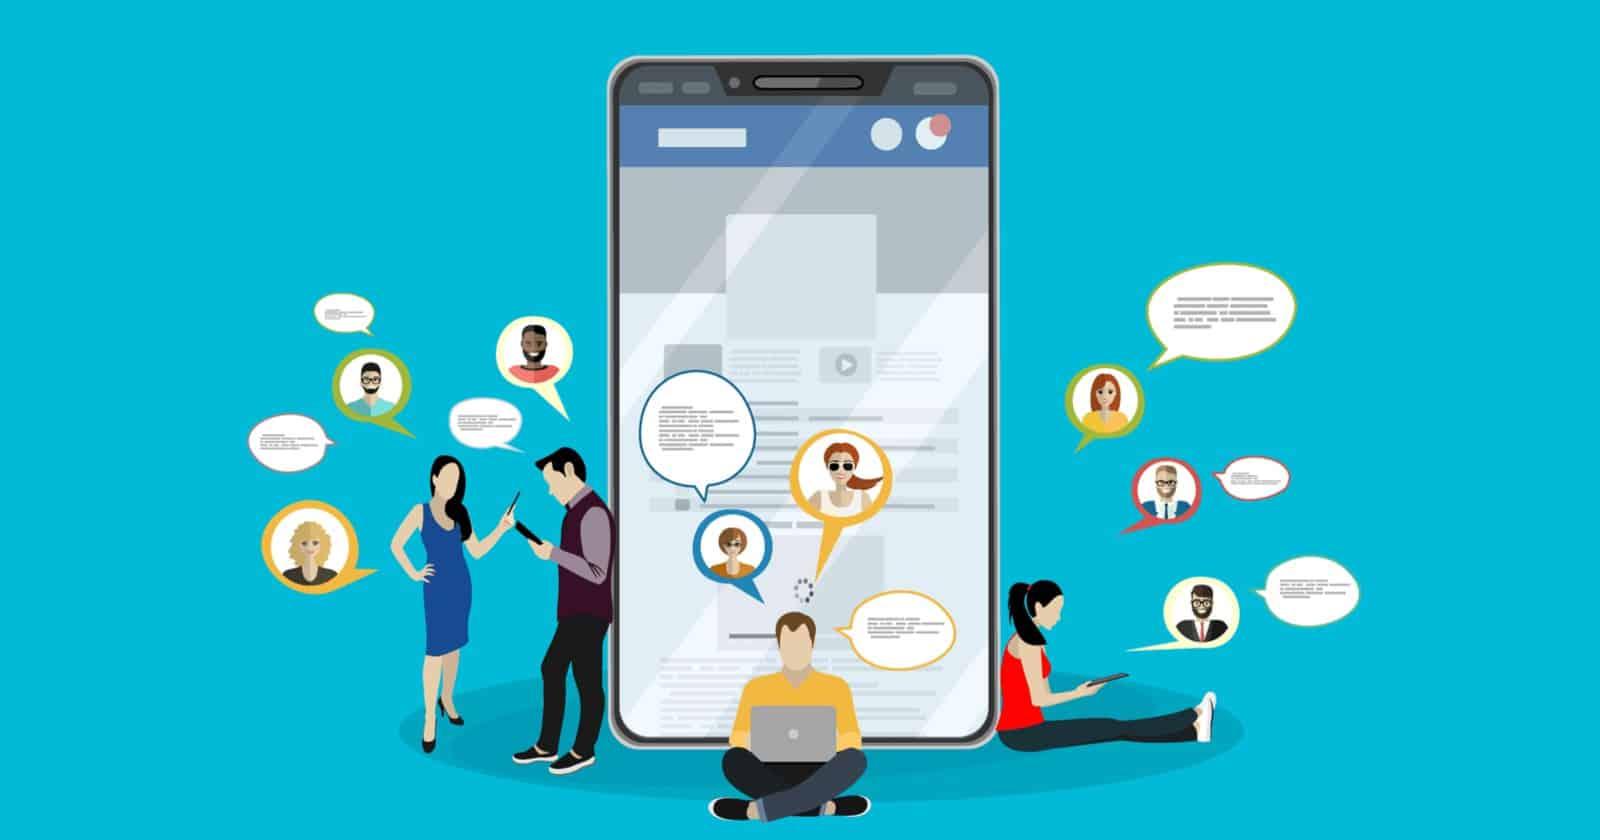 social media marketing là gì